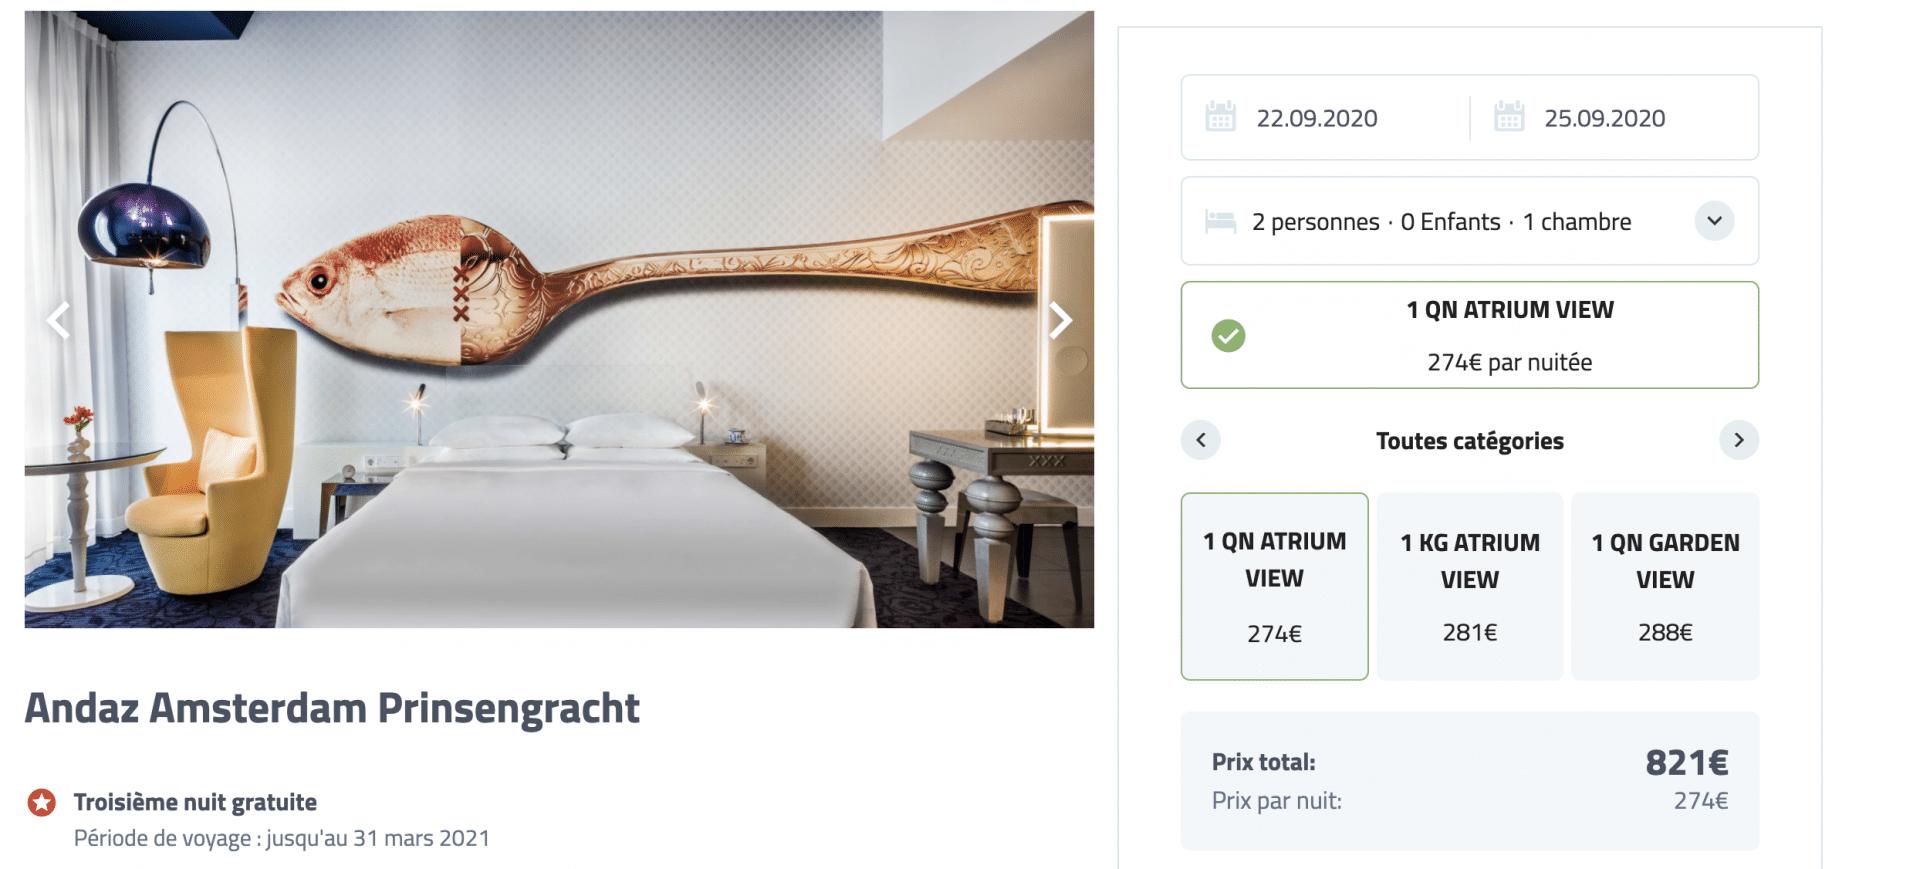 Bon plan au Andaz Amsterdam